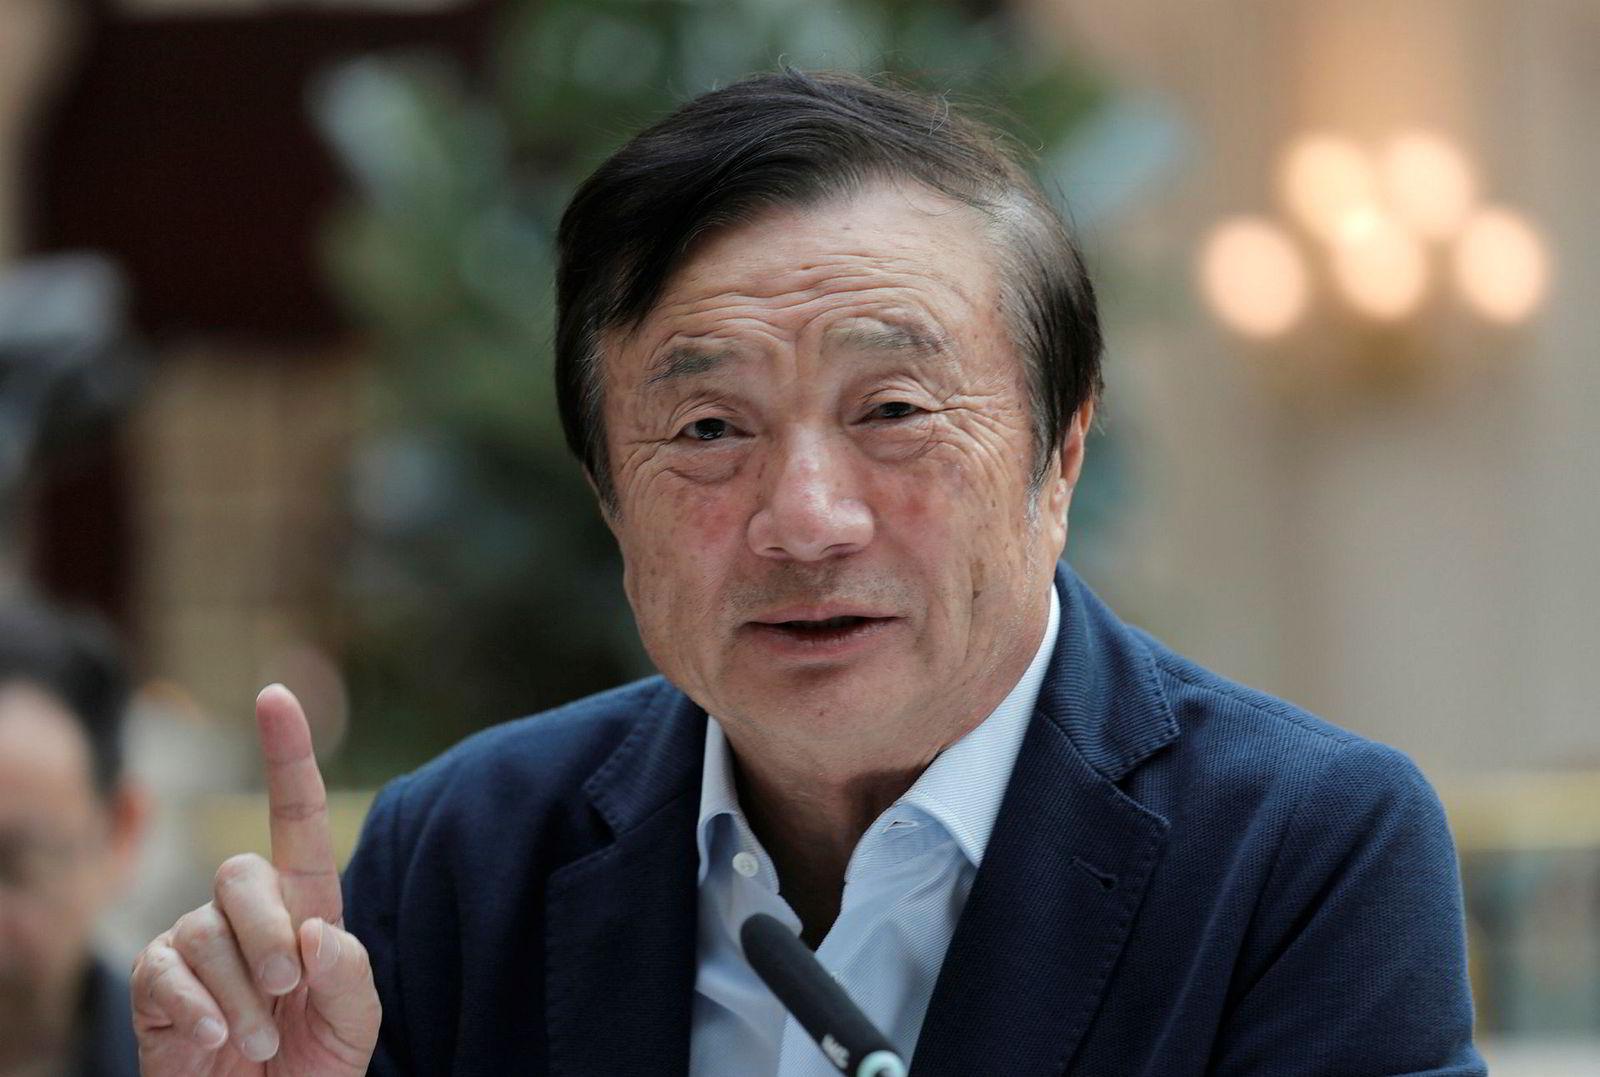 Enkelte amerikanske medier spekulerer i om det foreligger en hemmelig tiltale mot Huaweis grunnlegger Ren Zhengfei.